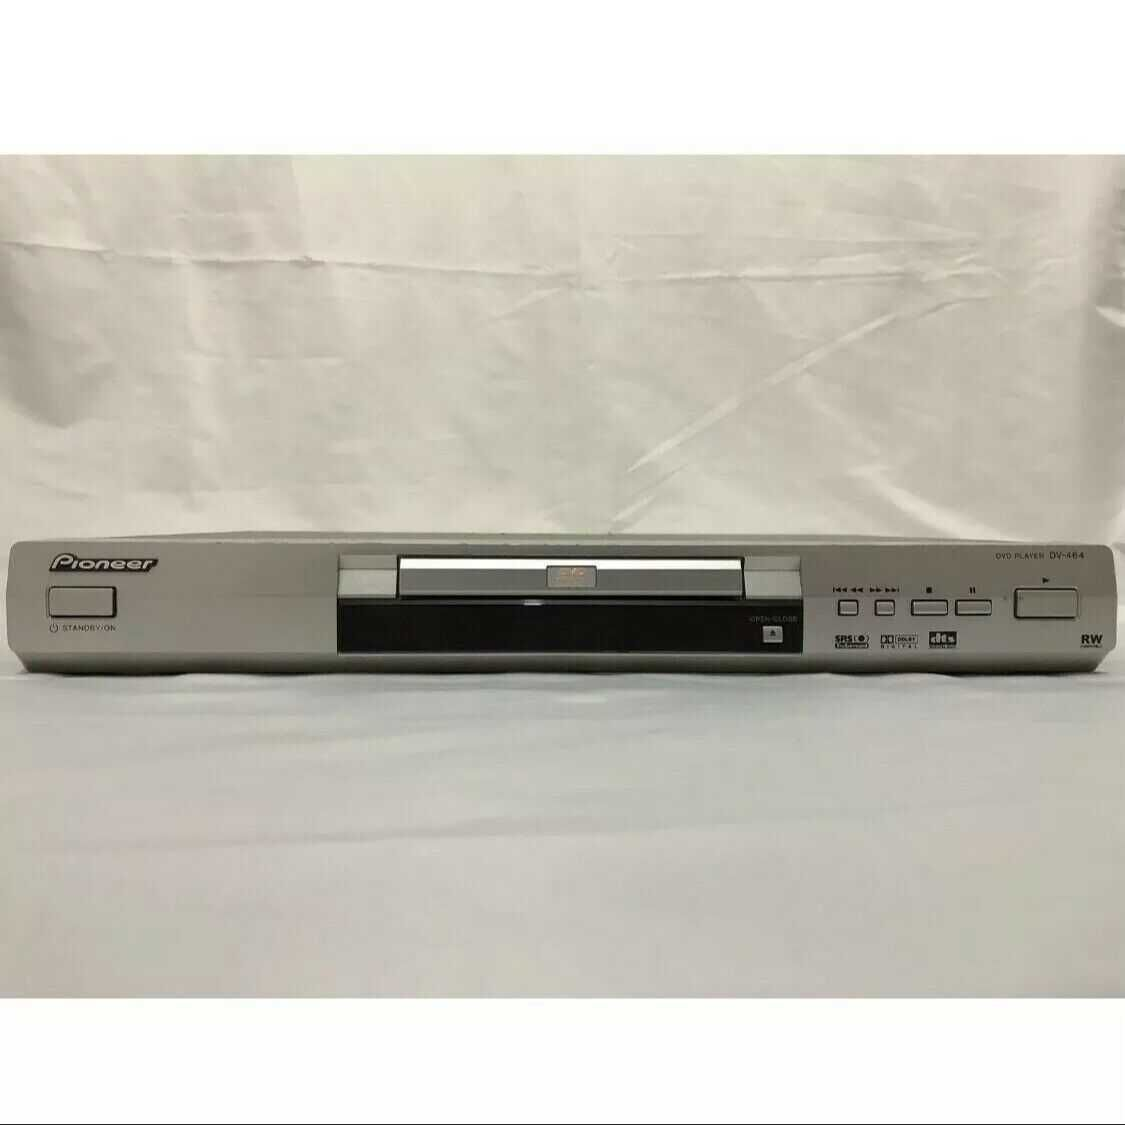 DVD Pioneer DV-464